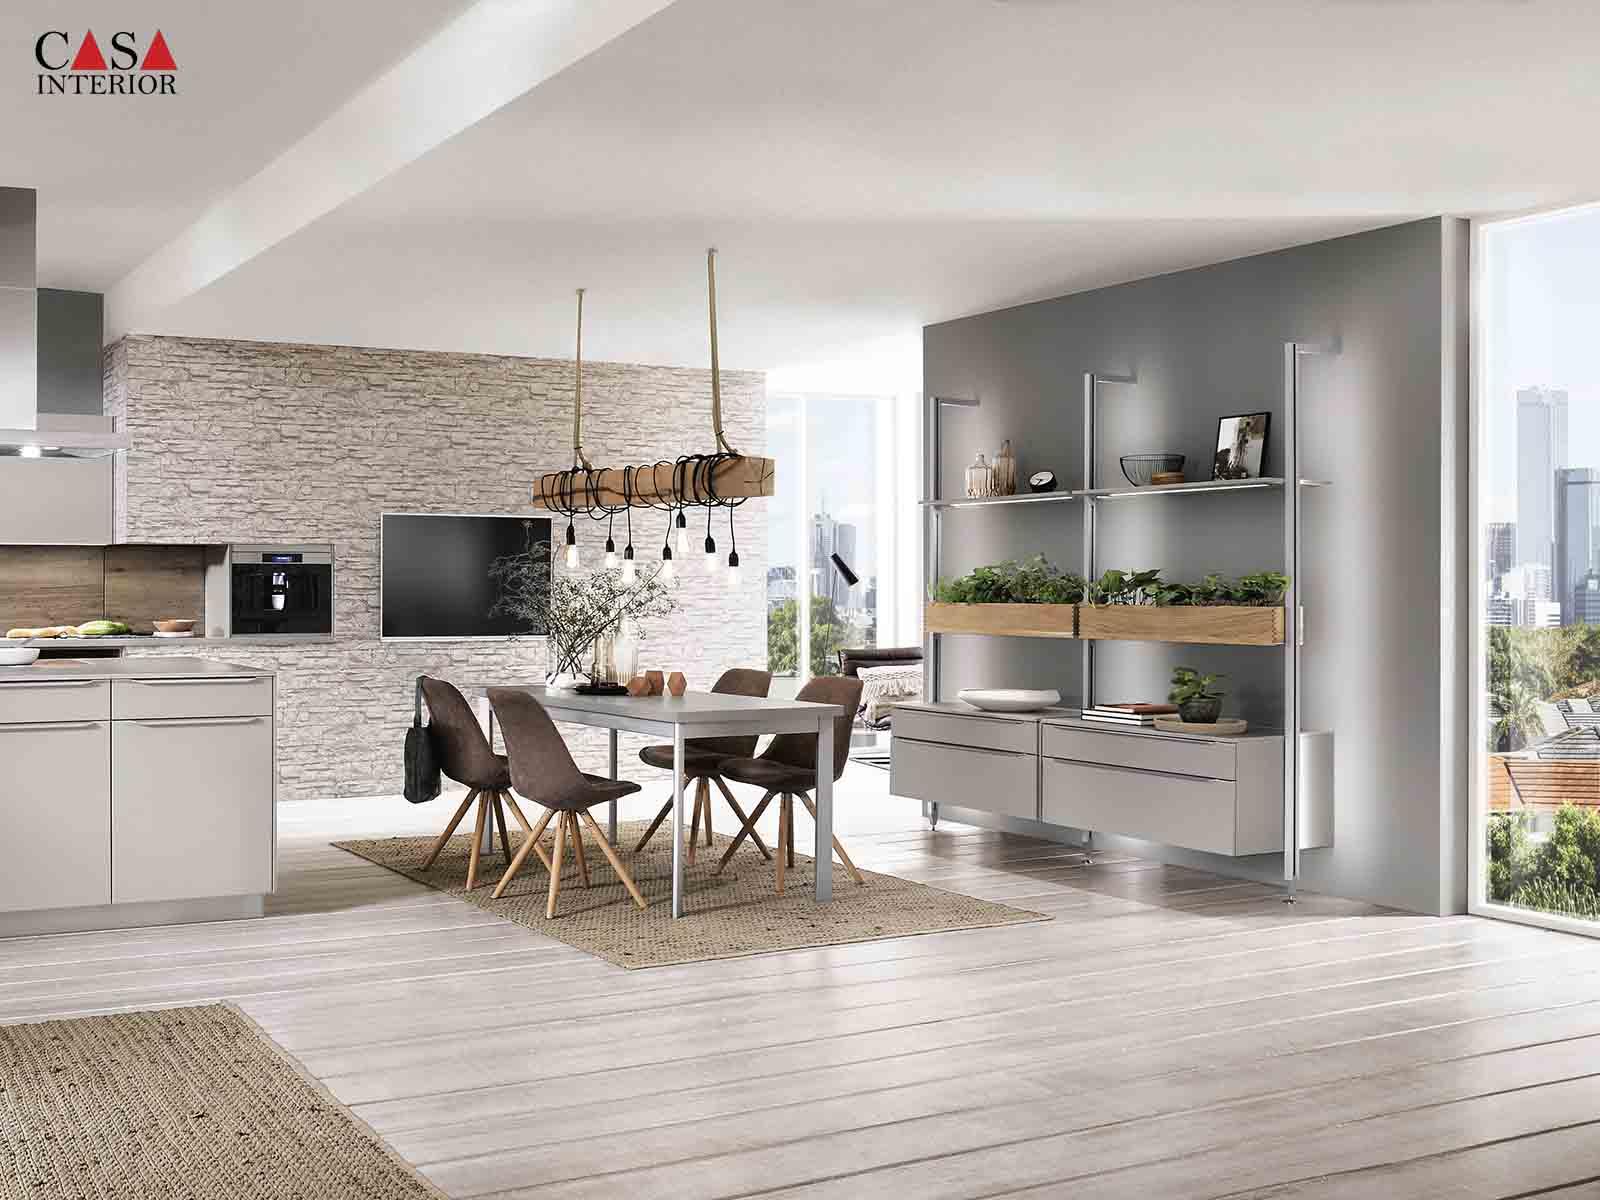 Cocina Moderna Küchentime Touch 341